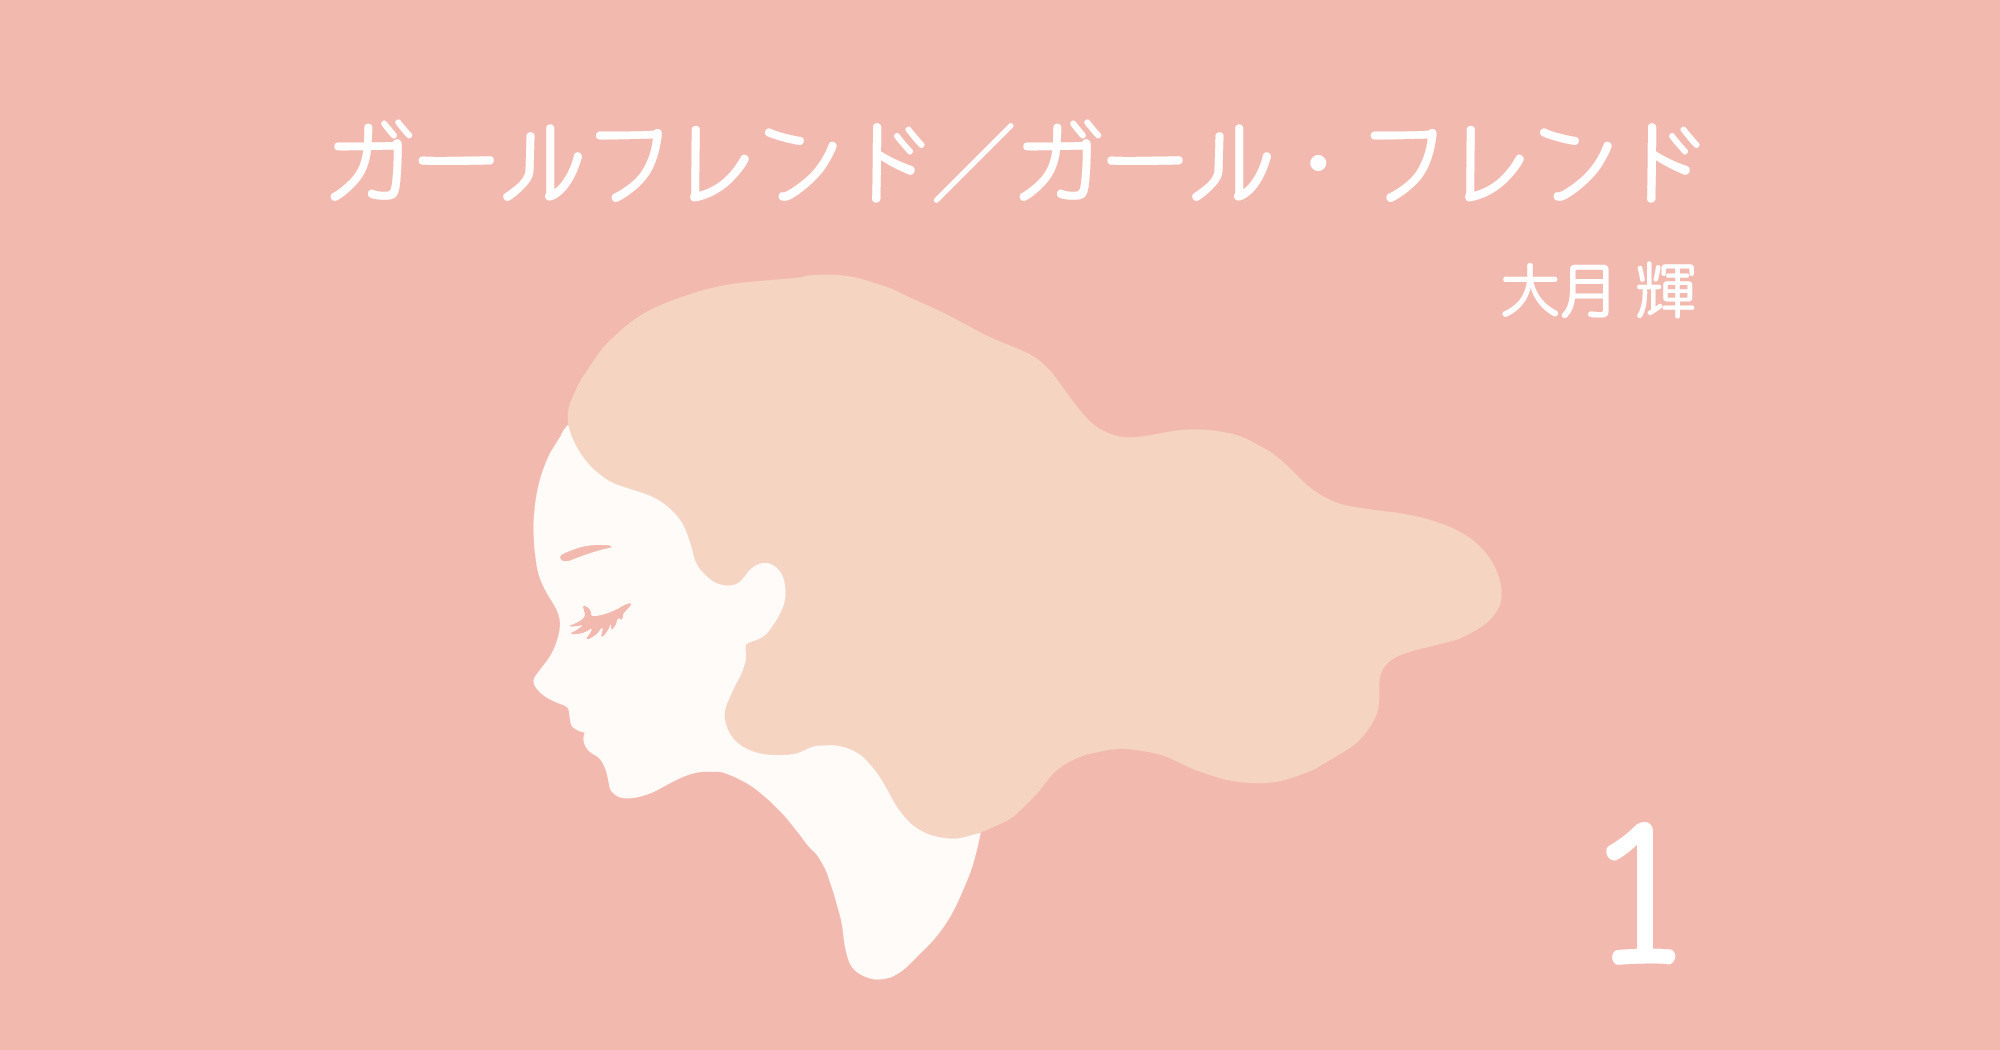 ガールフレンド/ガール・フレンド - 1